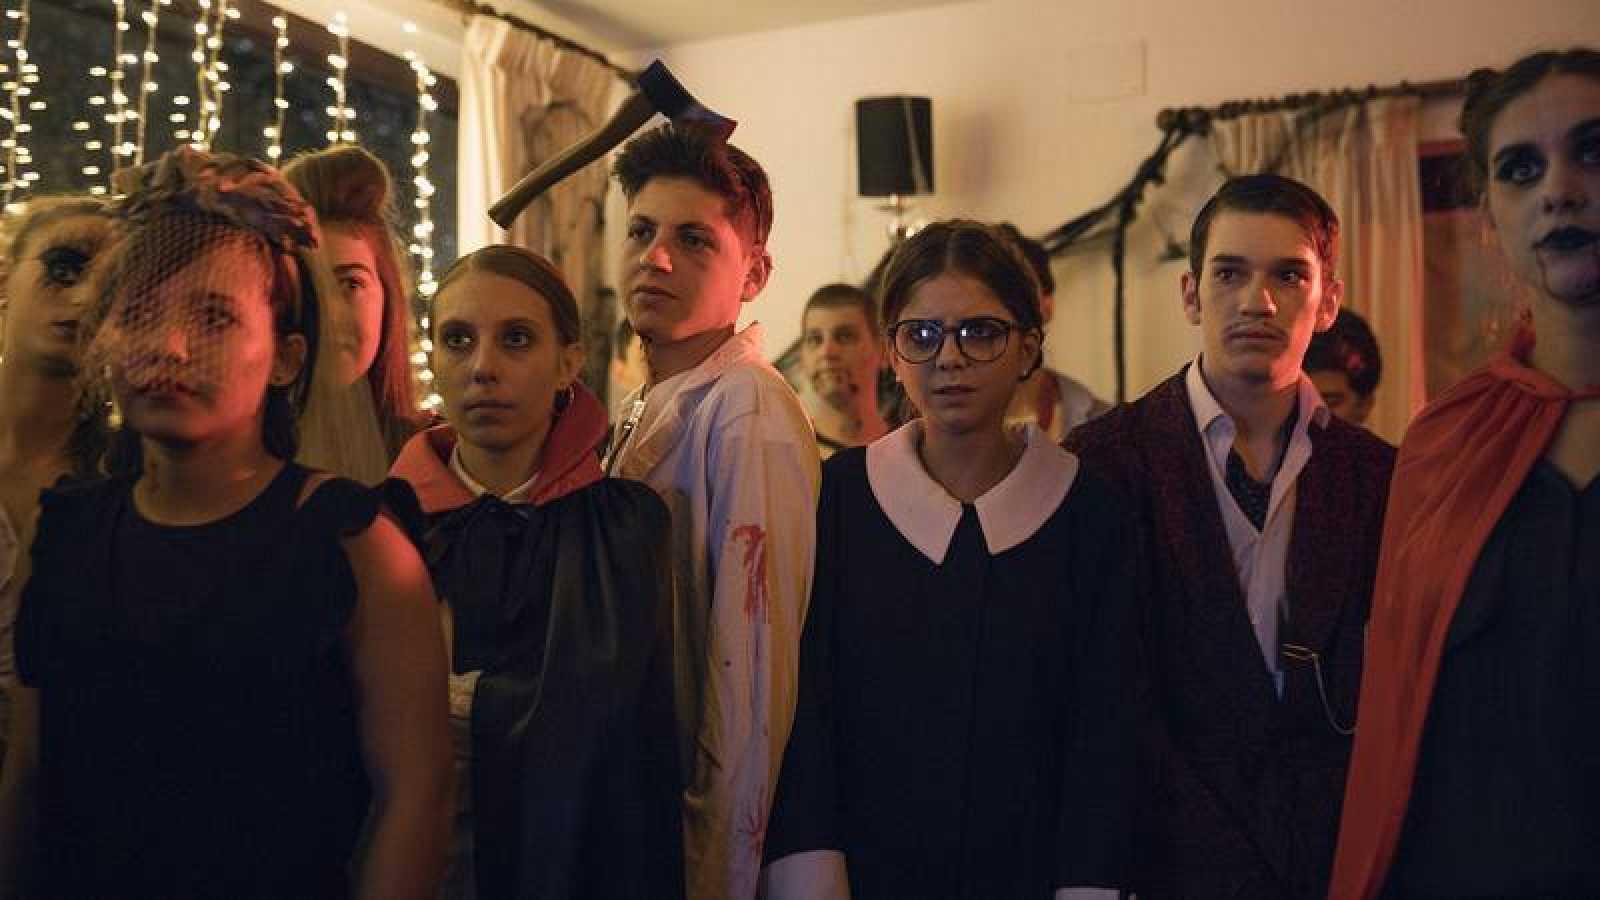 'Si fueras tú' calificada como uno de los proyectos más destacados de la temporada presentados en el MIPCOM de Cannes